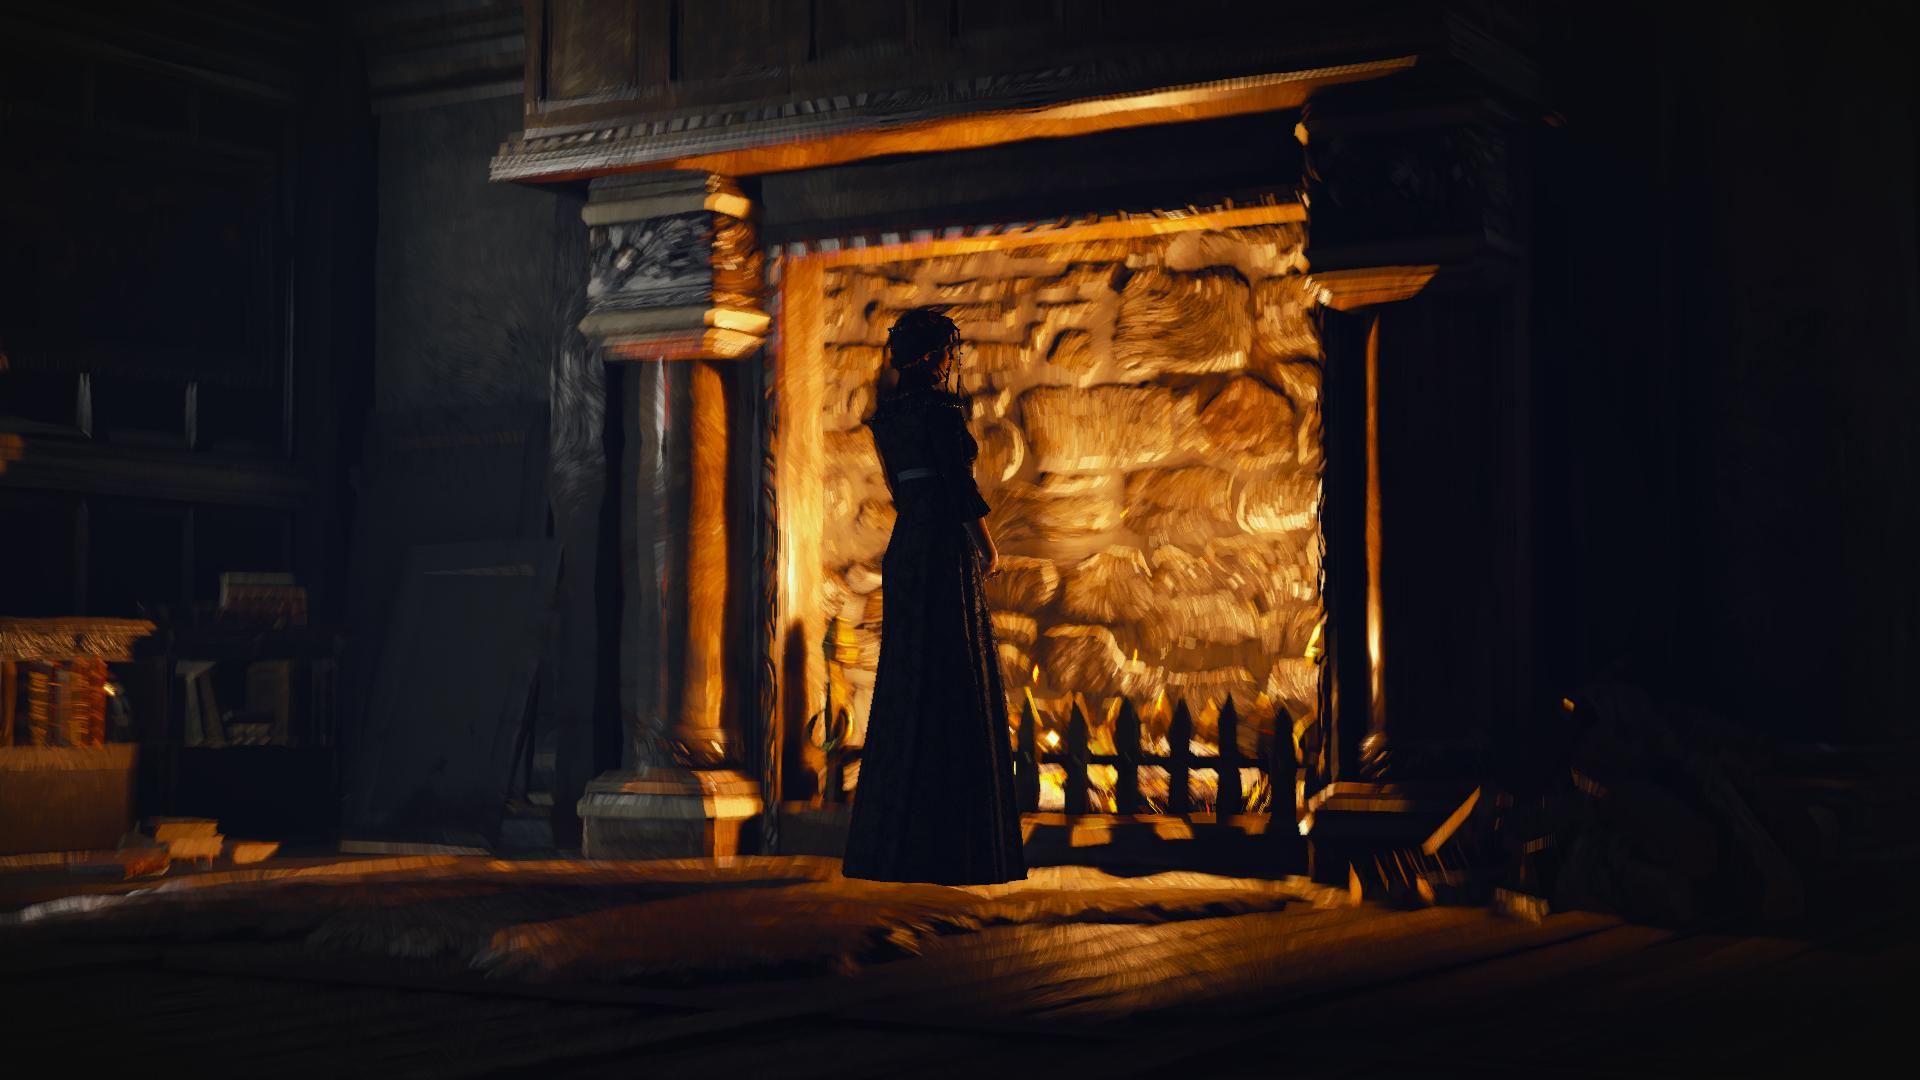 Геральт из Ривии к бабуле за пирожкам. - Witcher 3: Wild Hunt, the